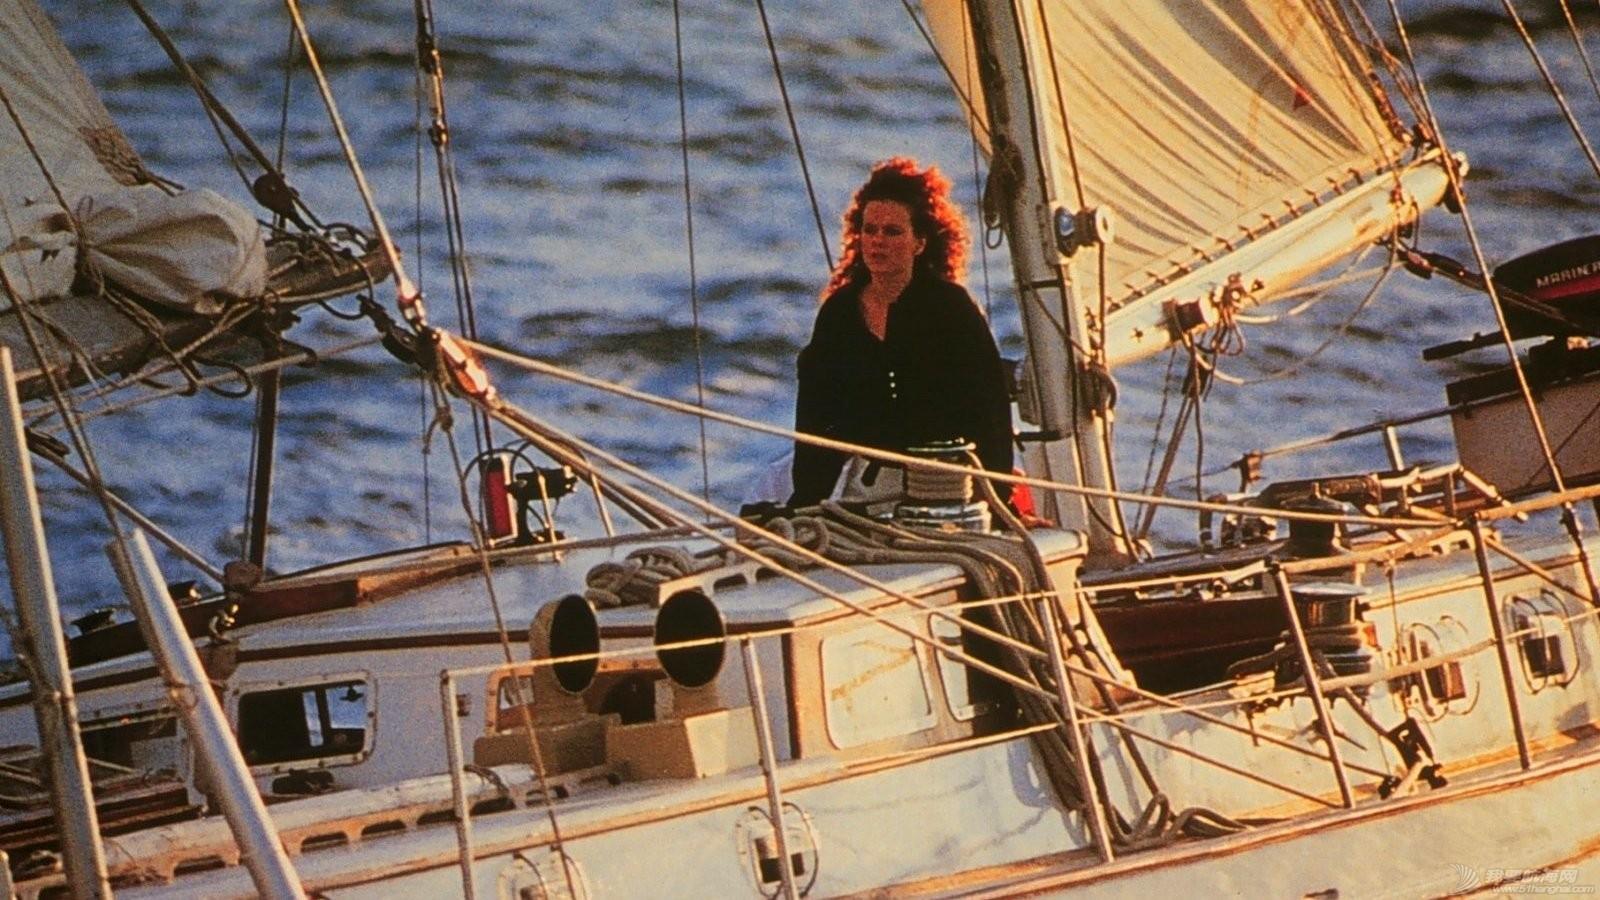 地平线,帆船 航越地平线(一对夫妻驾驶帆船度假的遇险) 7j65JoYSue6IHOqNYU6TMa8CJEa.jpg